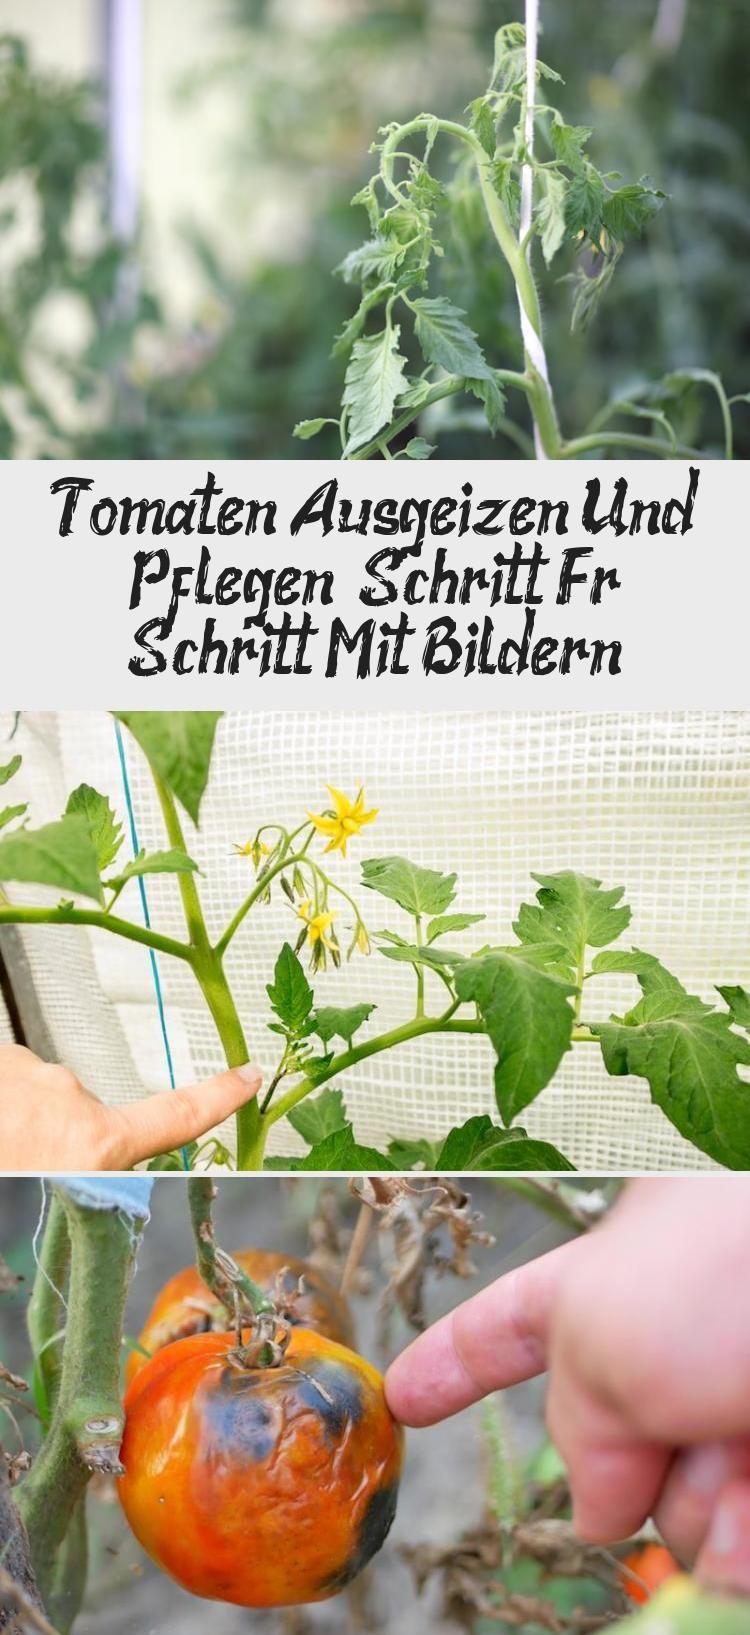 Tomaten Ausgeizen Und Pflegen Schritt Fur Schritt Mit Bildern Tomaten Pflanzen Pflanzideen Pflanzen